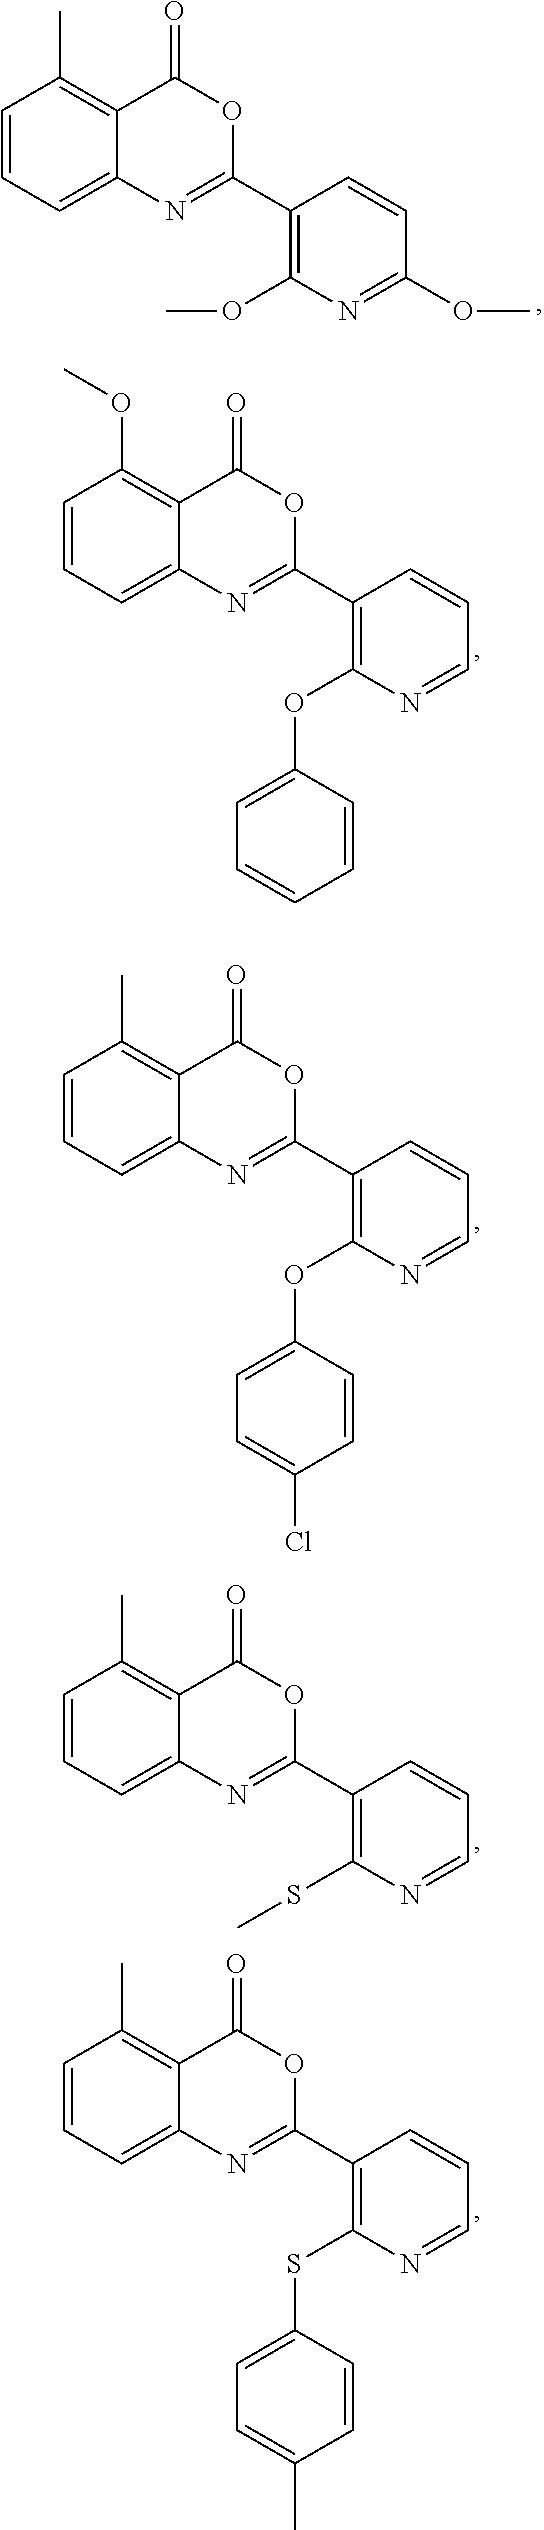 Figure US07879846-20110201-C00375